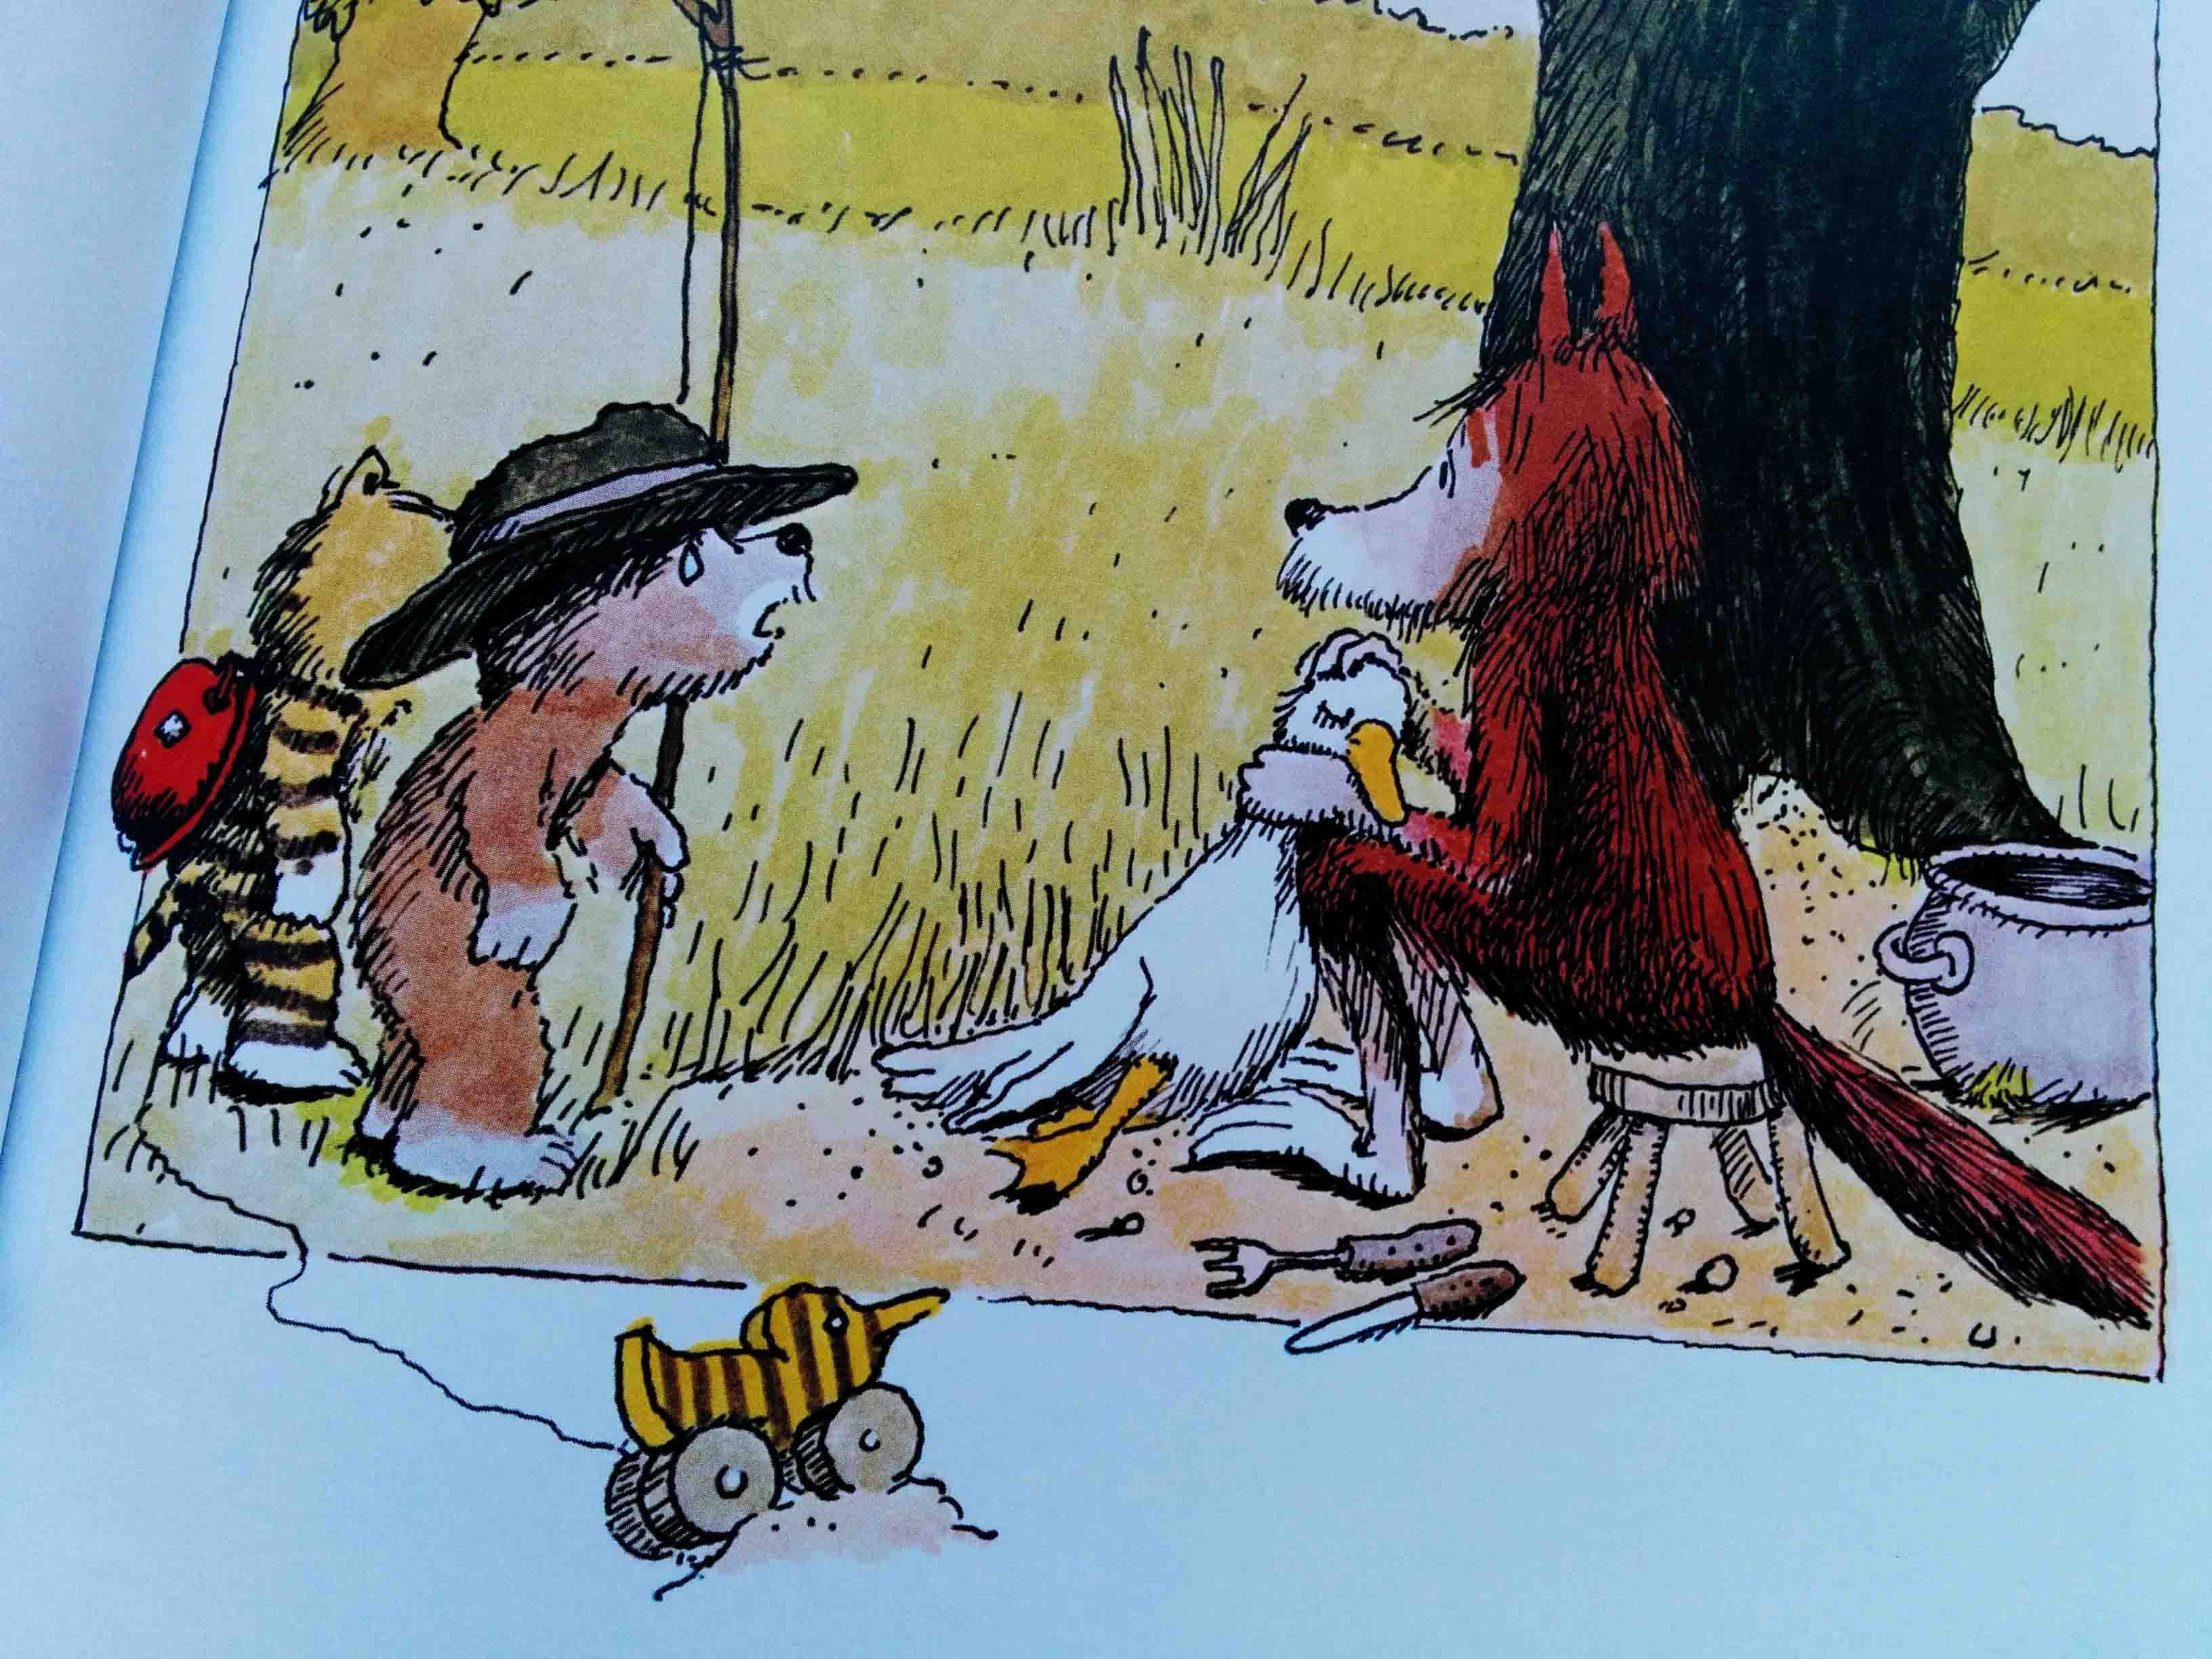 """Der Fuchs, der mit einer Ganz gerade """"seinen Geburtstag feiern will"""" und dem kleinen Tiger und dem kleinen Bär die erstbeste Antwort gibt. Schwarzer Humor und eines meiner Lieblingsbilder."""